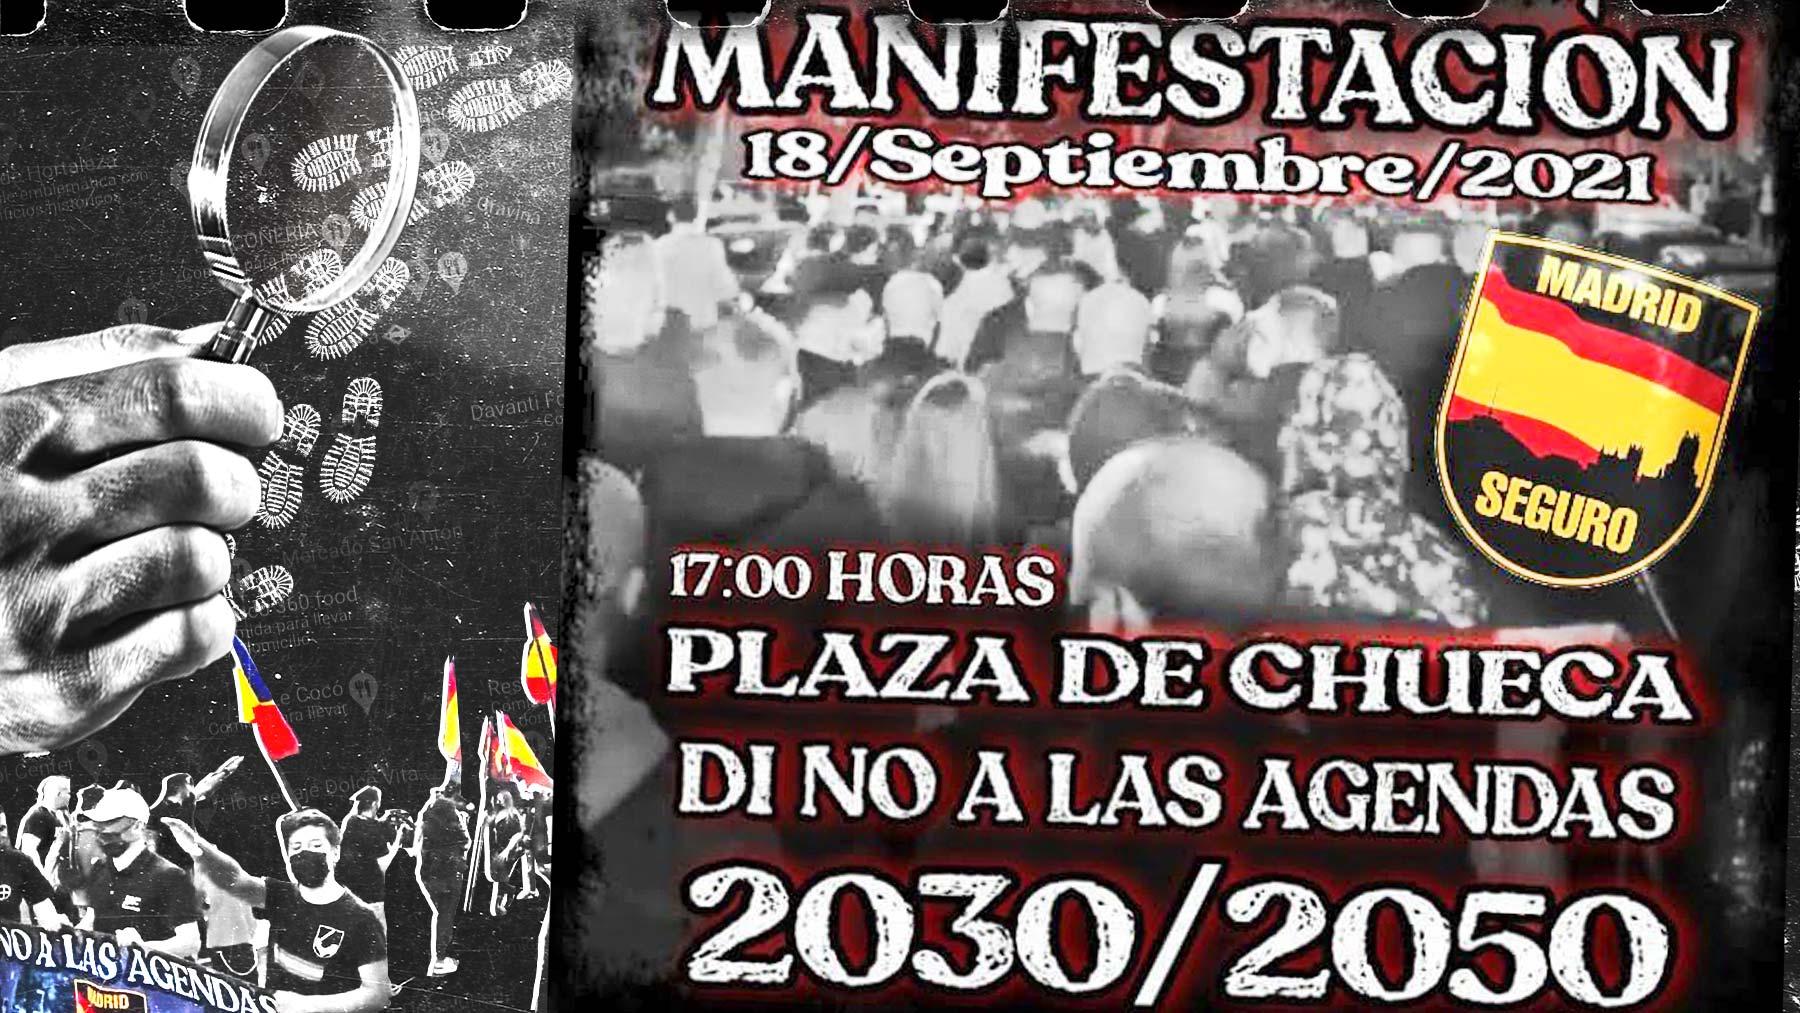 El cartel con el que se convocaba la marcha en Chueca que puso en alerta a la Policía.